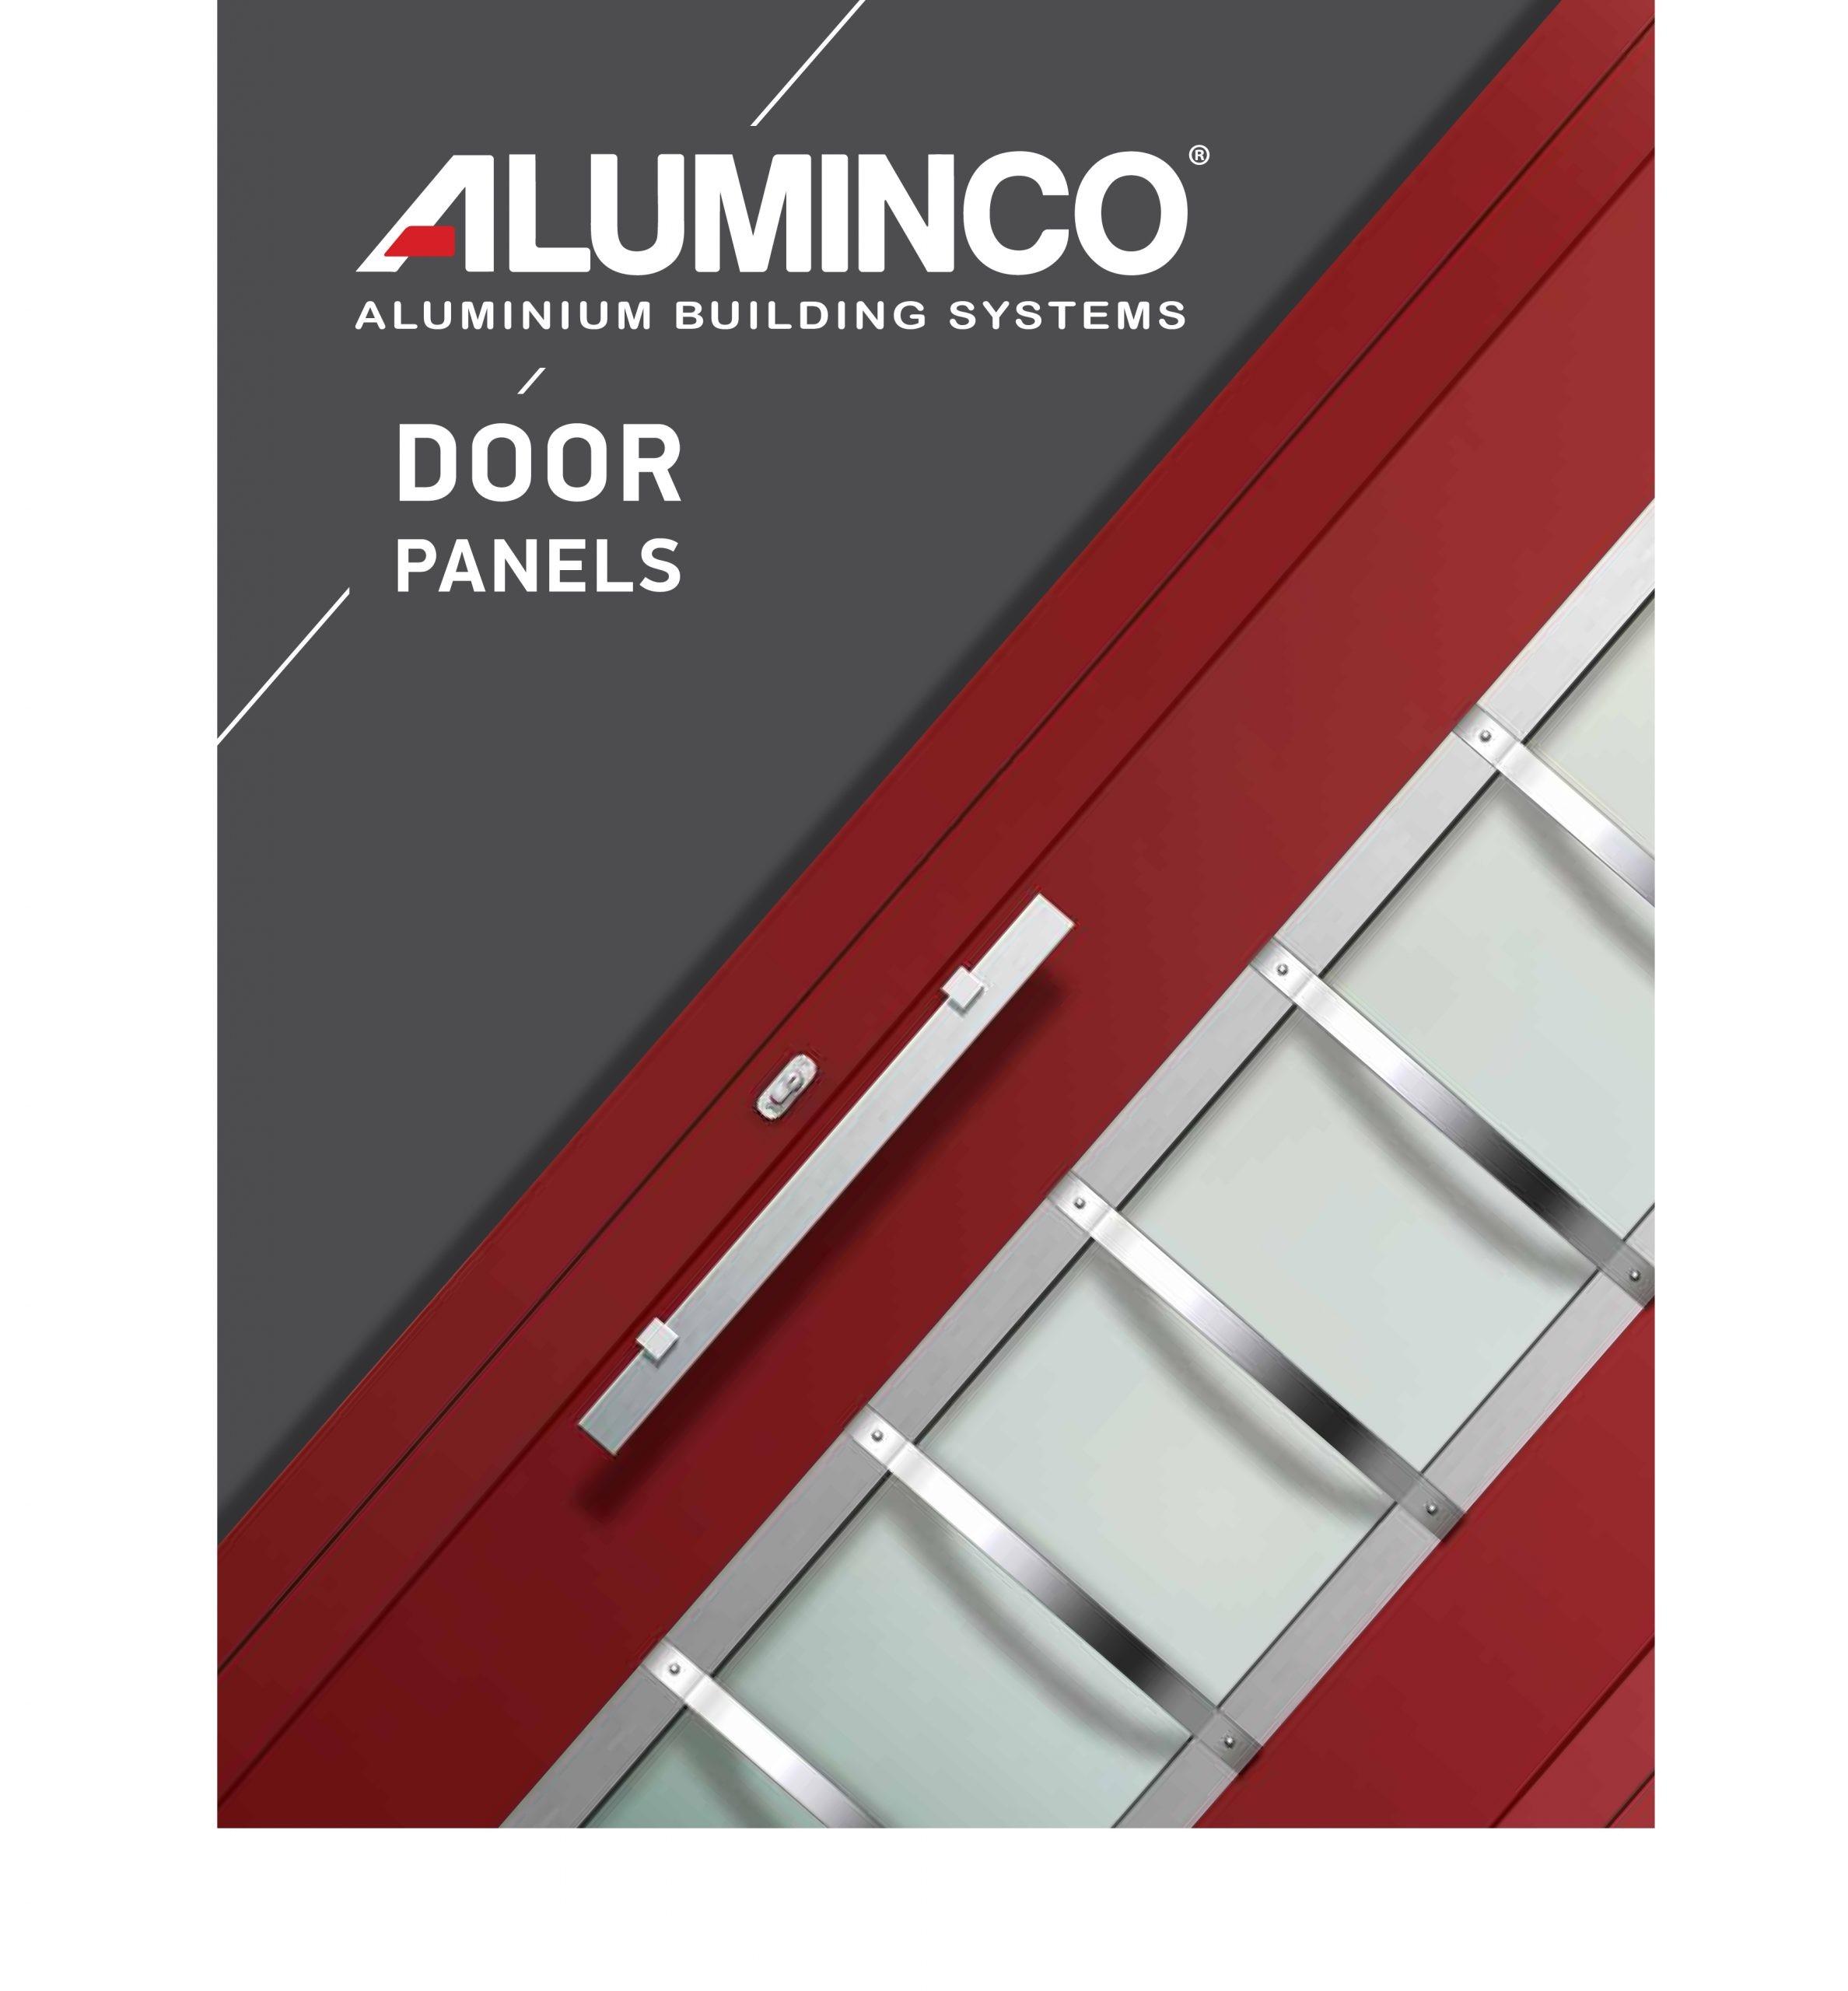 aluminco_door-panels-product-brochure_gr_en_rev092018-1